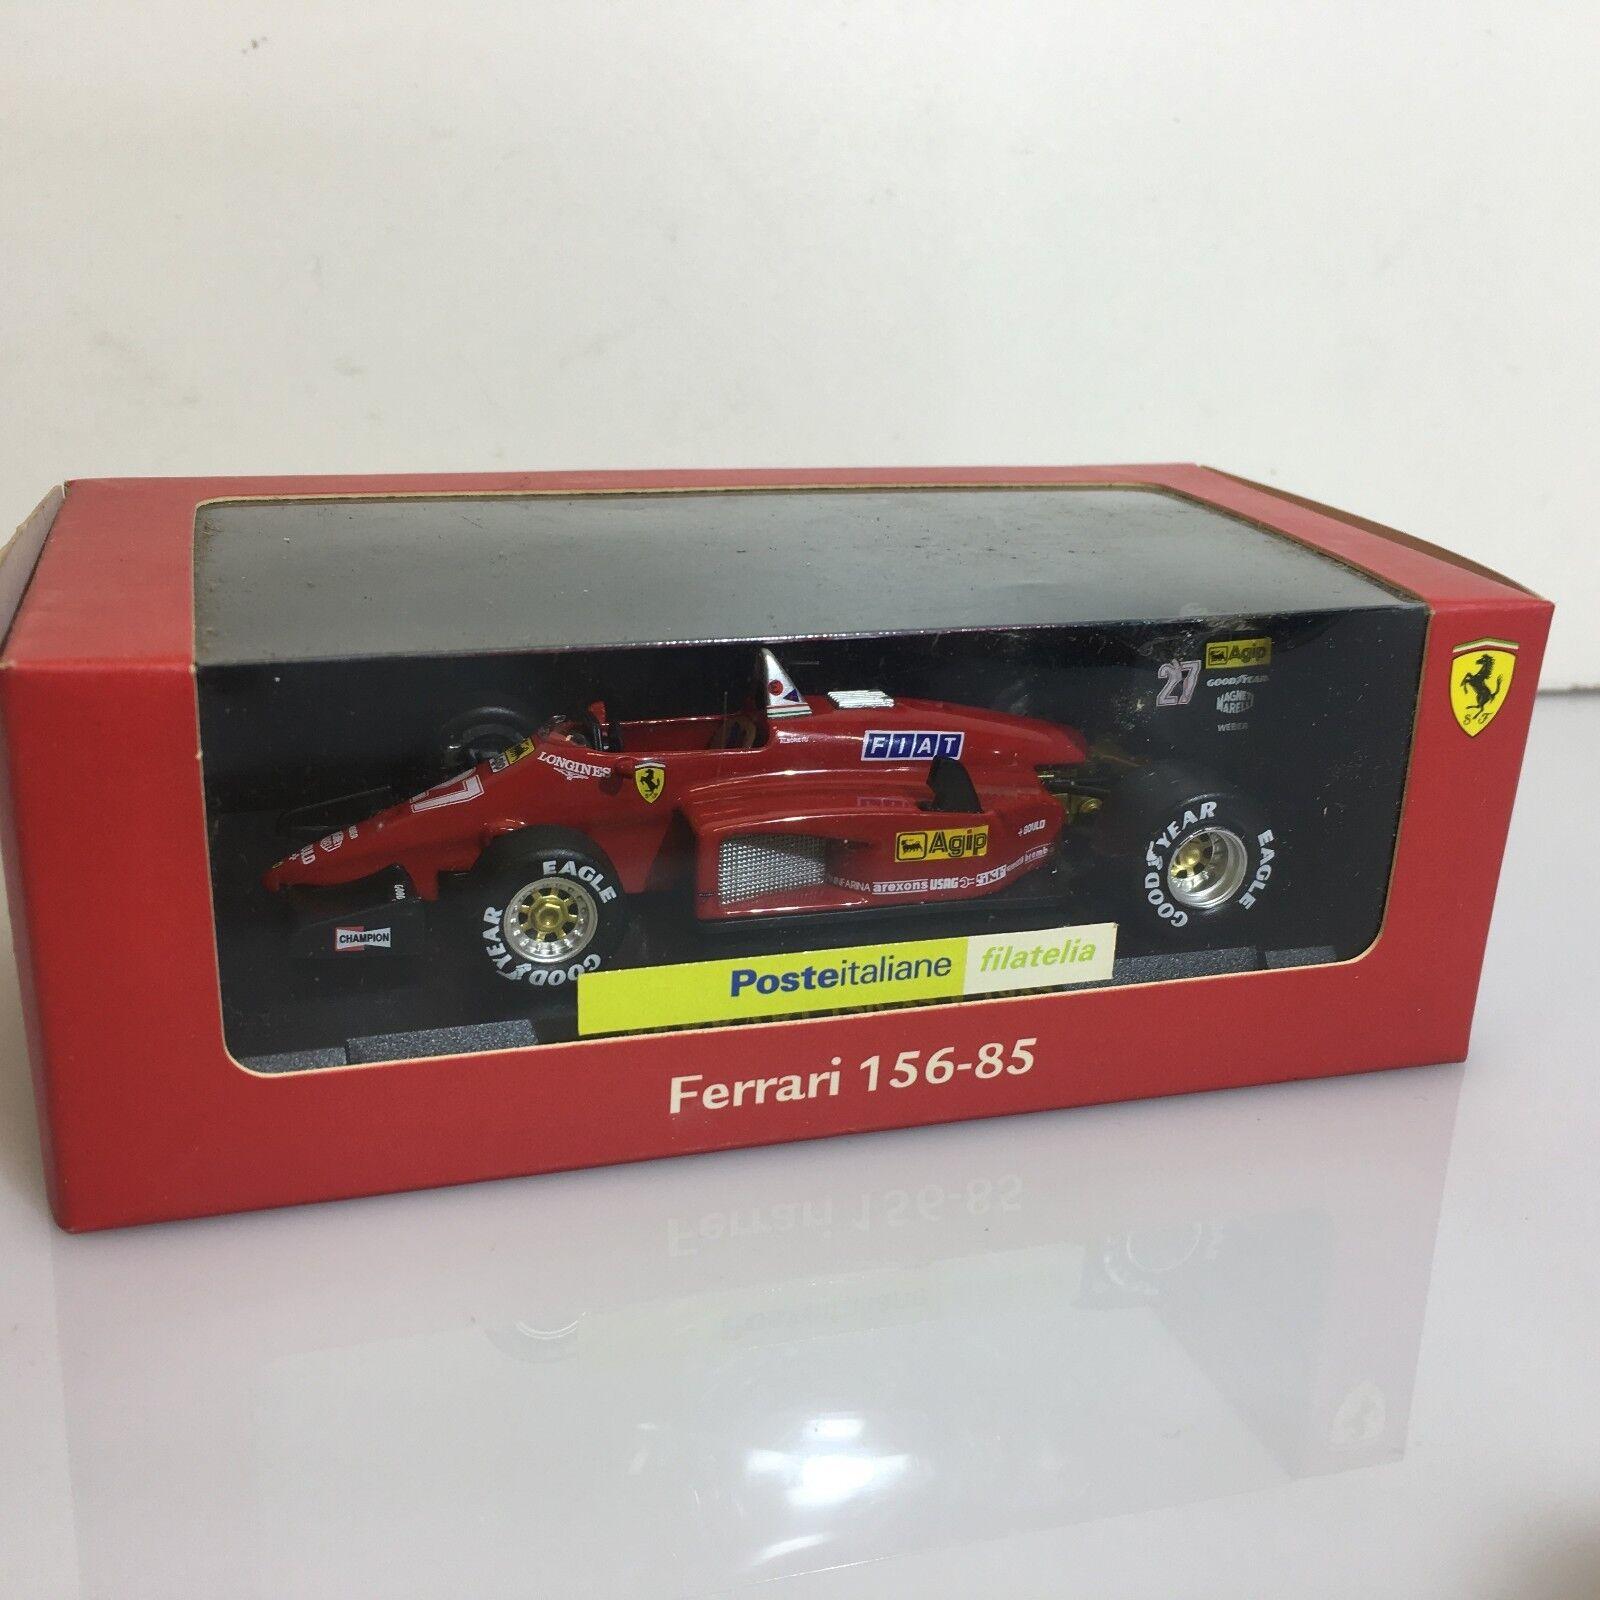 selección larga Modellino Ferrari 156-85 Michele Michele Michele Alboreto  27 - Mattel 2009 - Boxed scale 1 43  la mejor oferta de tienda online